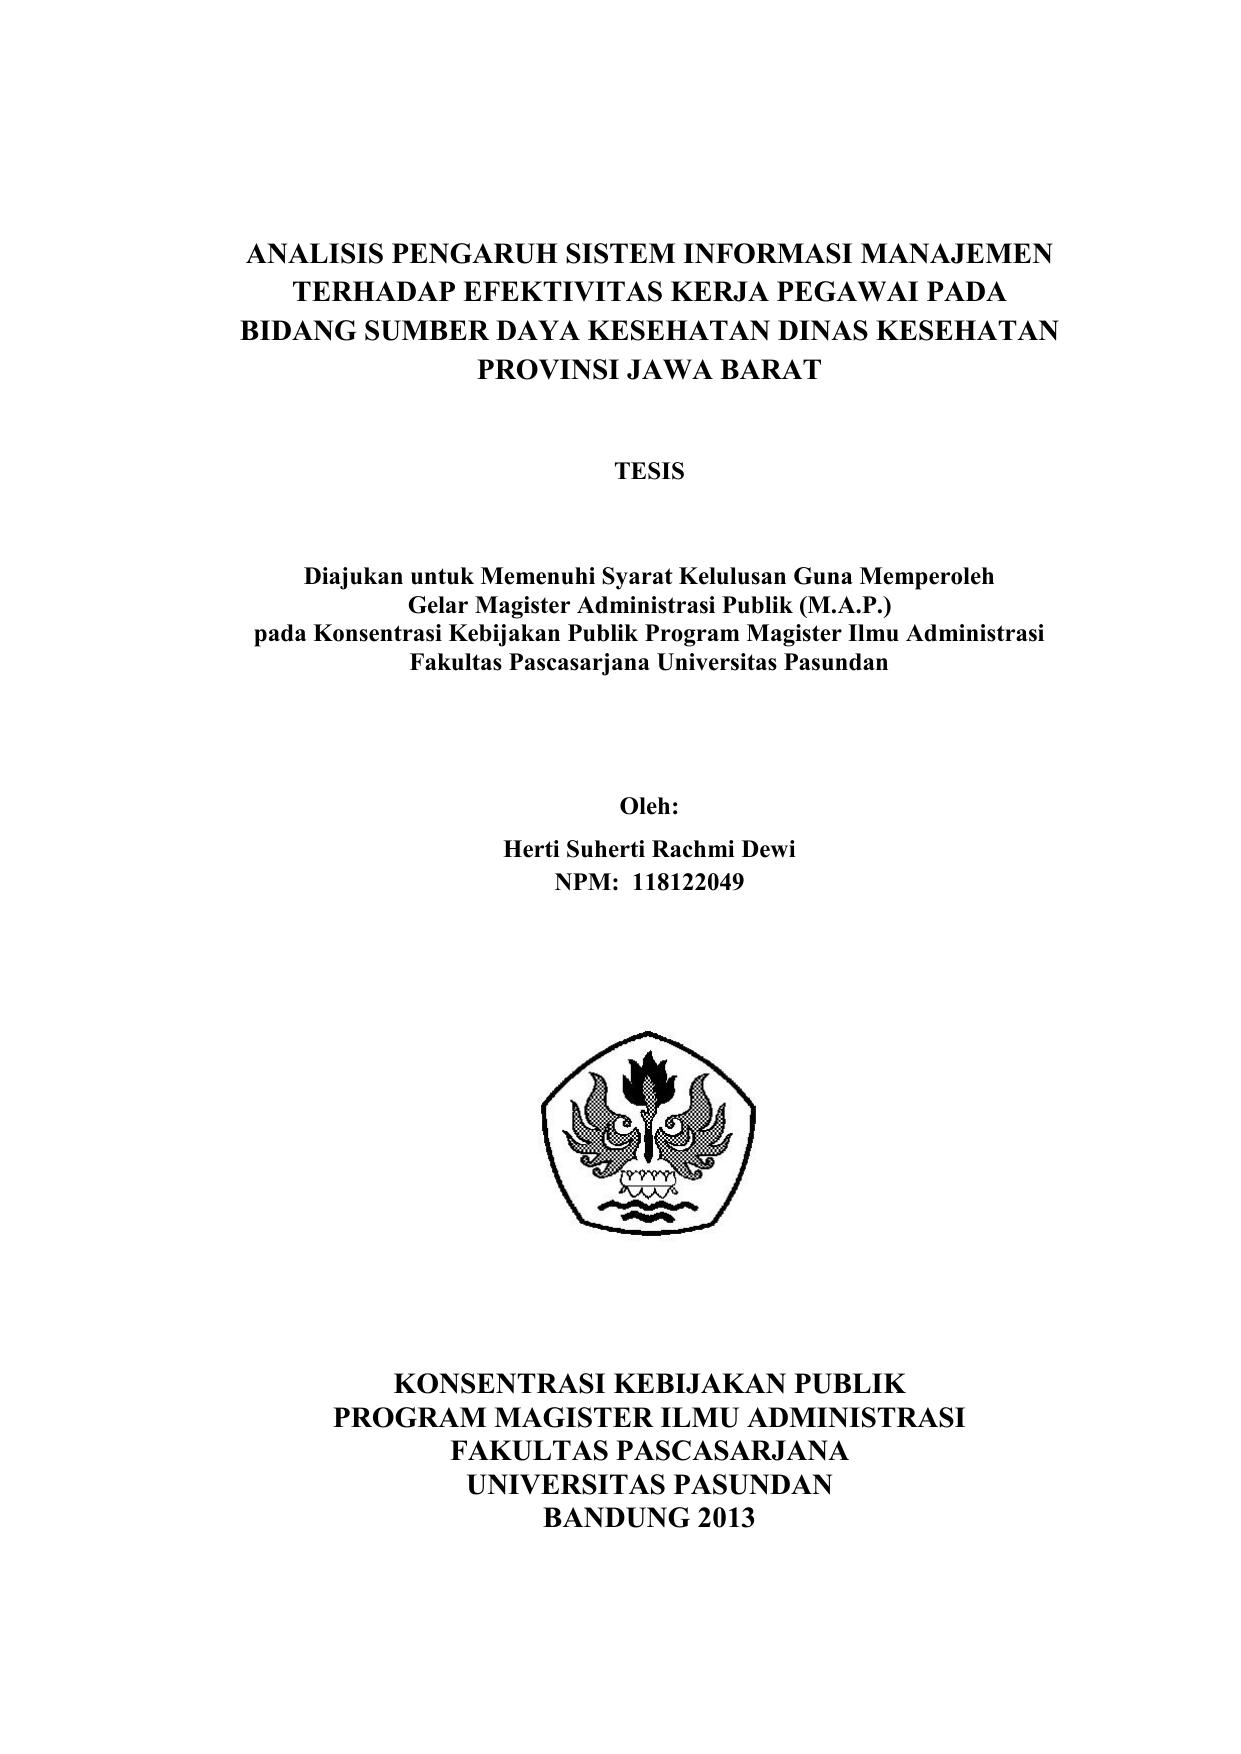 Contoh Soal Dan Materi Pelajaran 10 Contoh Tesis Ilmu Administrasi Publik